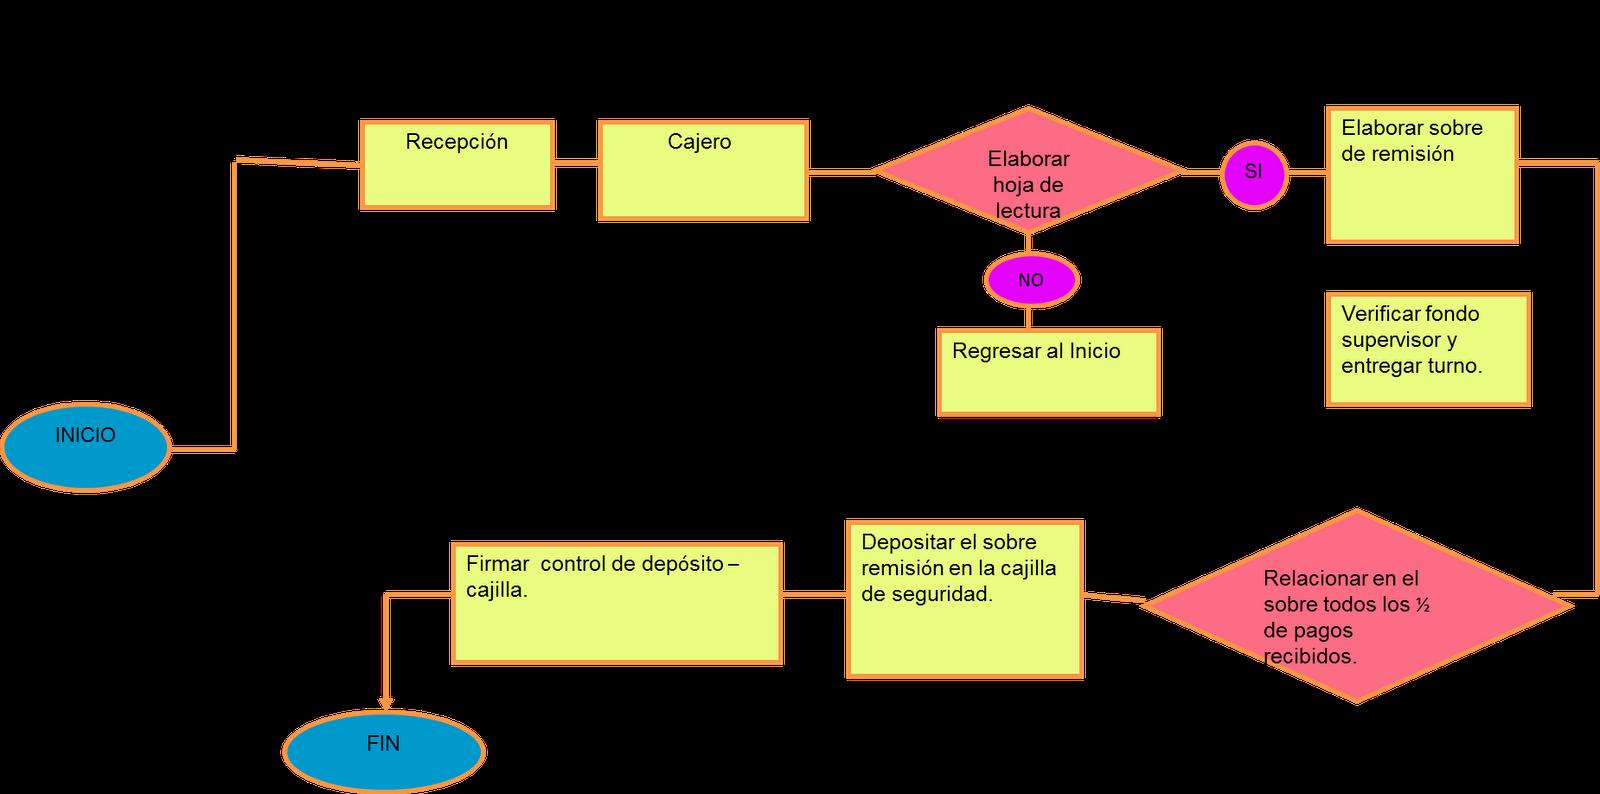 Manual de procedimientos y funciones de un restaurante for Manual de funciones y procedimientos de un restaurante